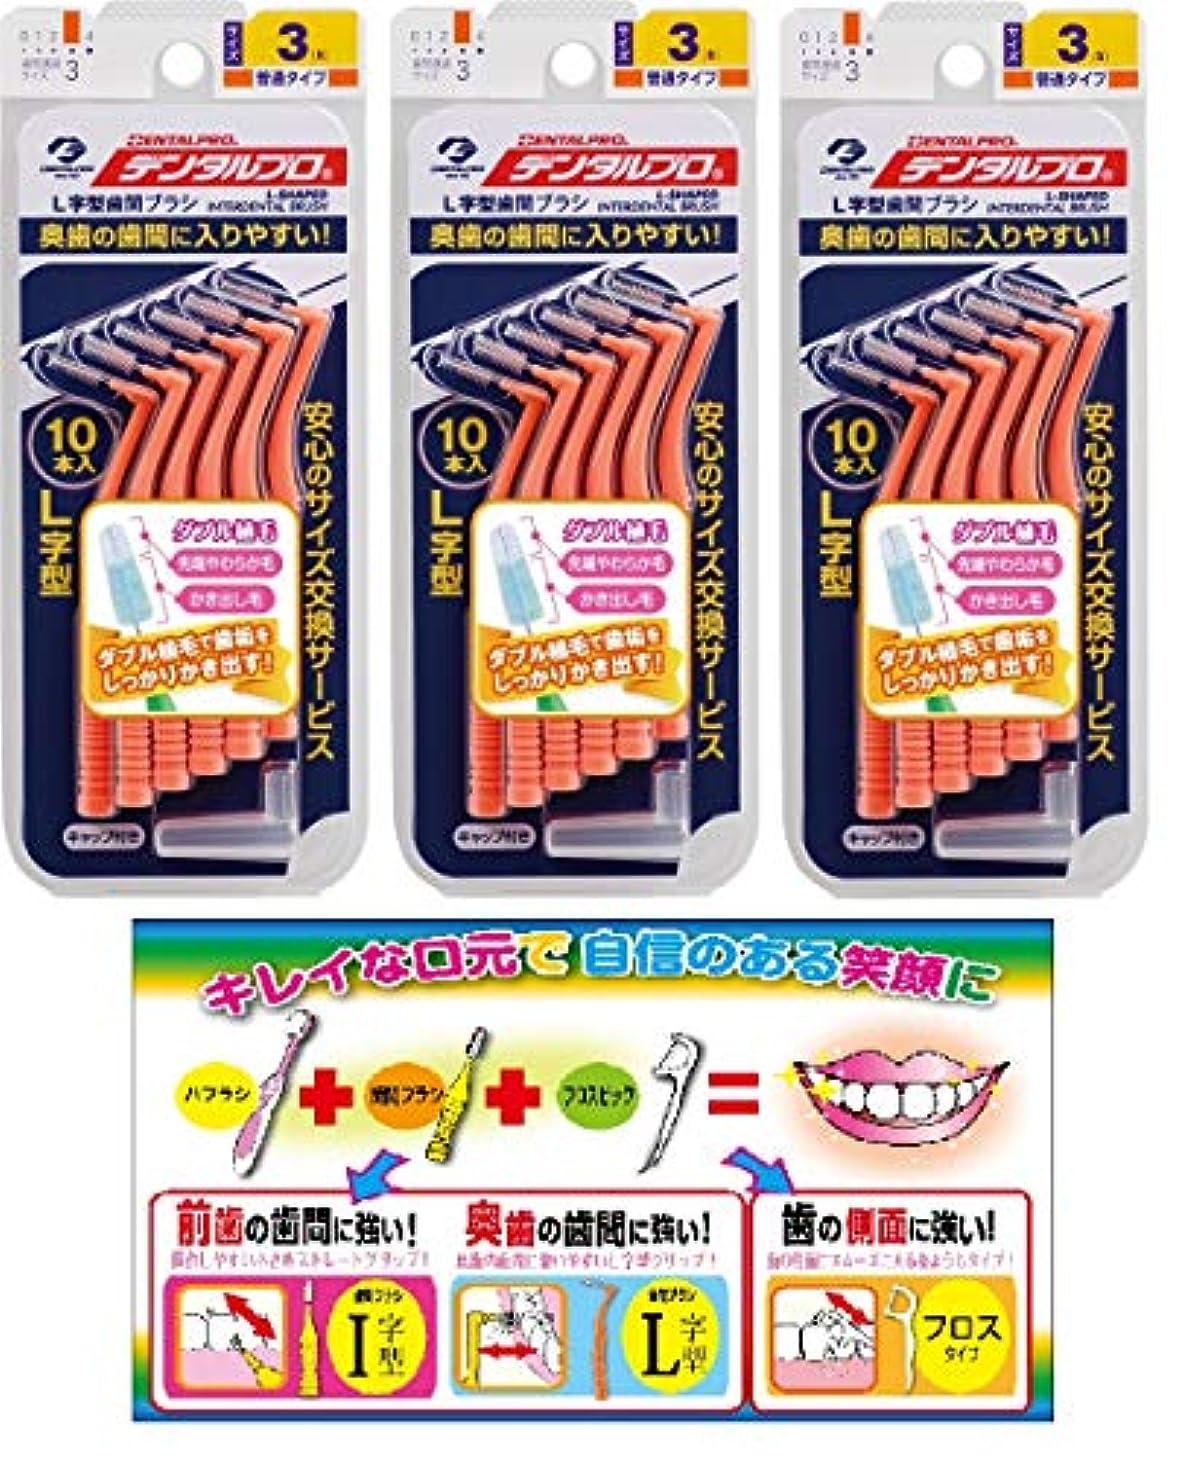 製品郡ユダヤ人【Amazon.co.jp限定】DP歯間ブラシL字型10本入サイズ3 3P+リーフレット